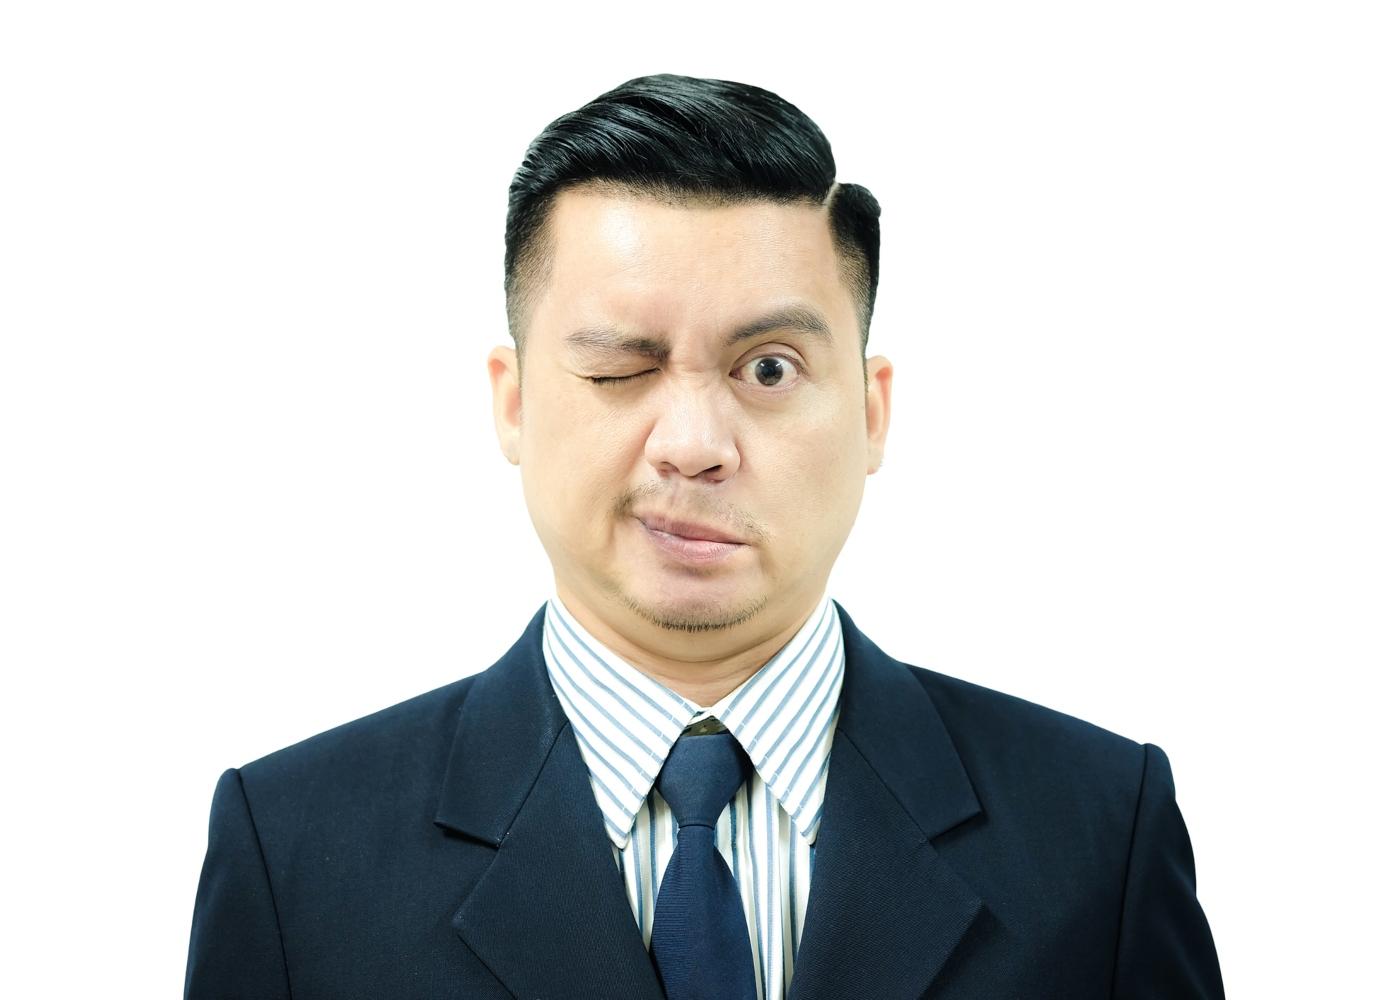 homem com paralisia facial